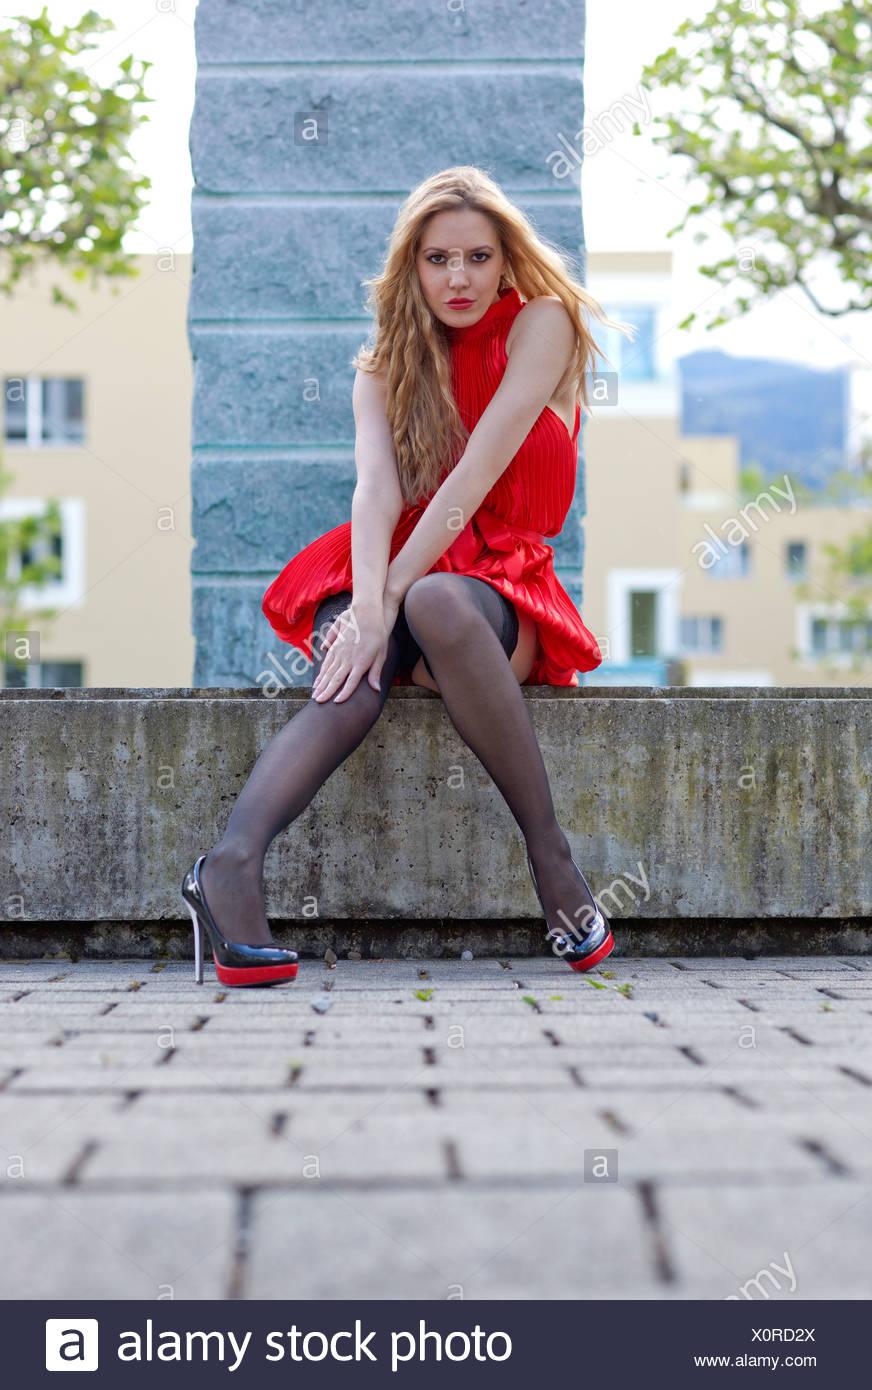 Medias negras y vestido rojo